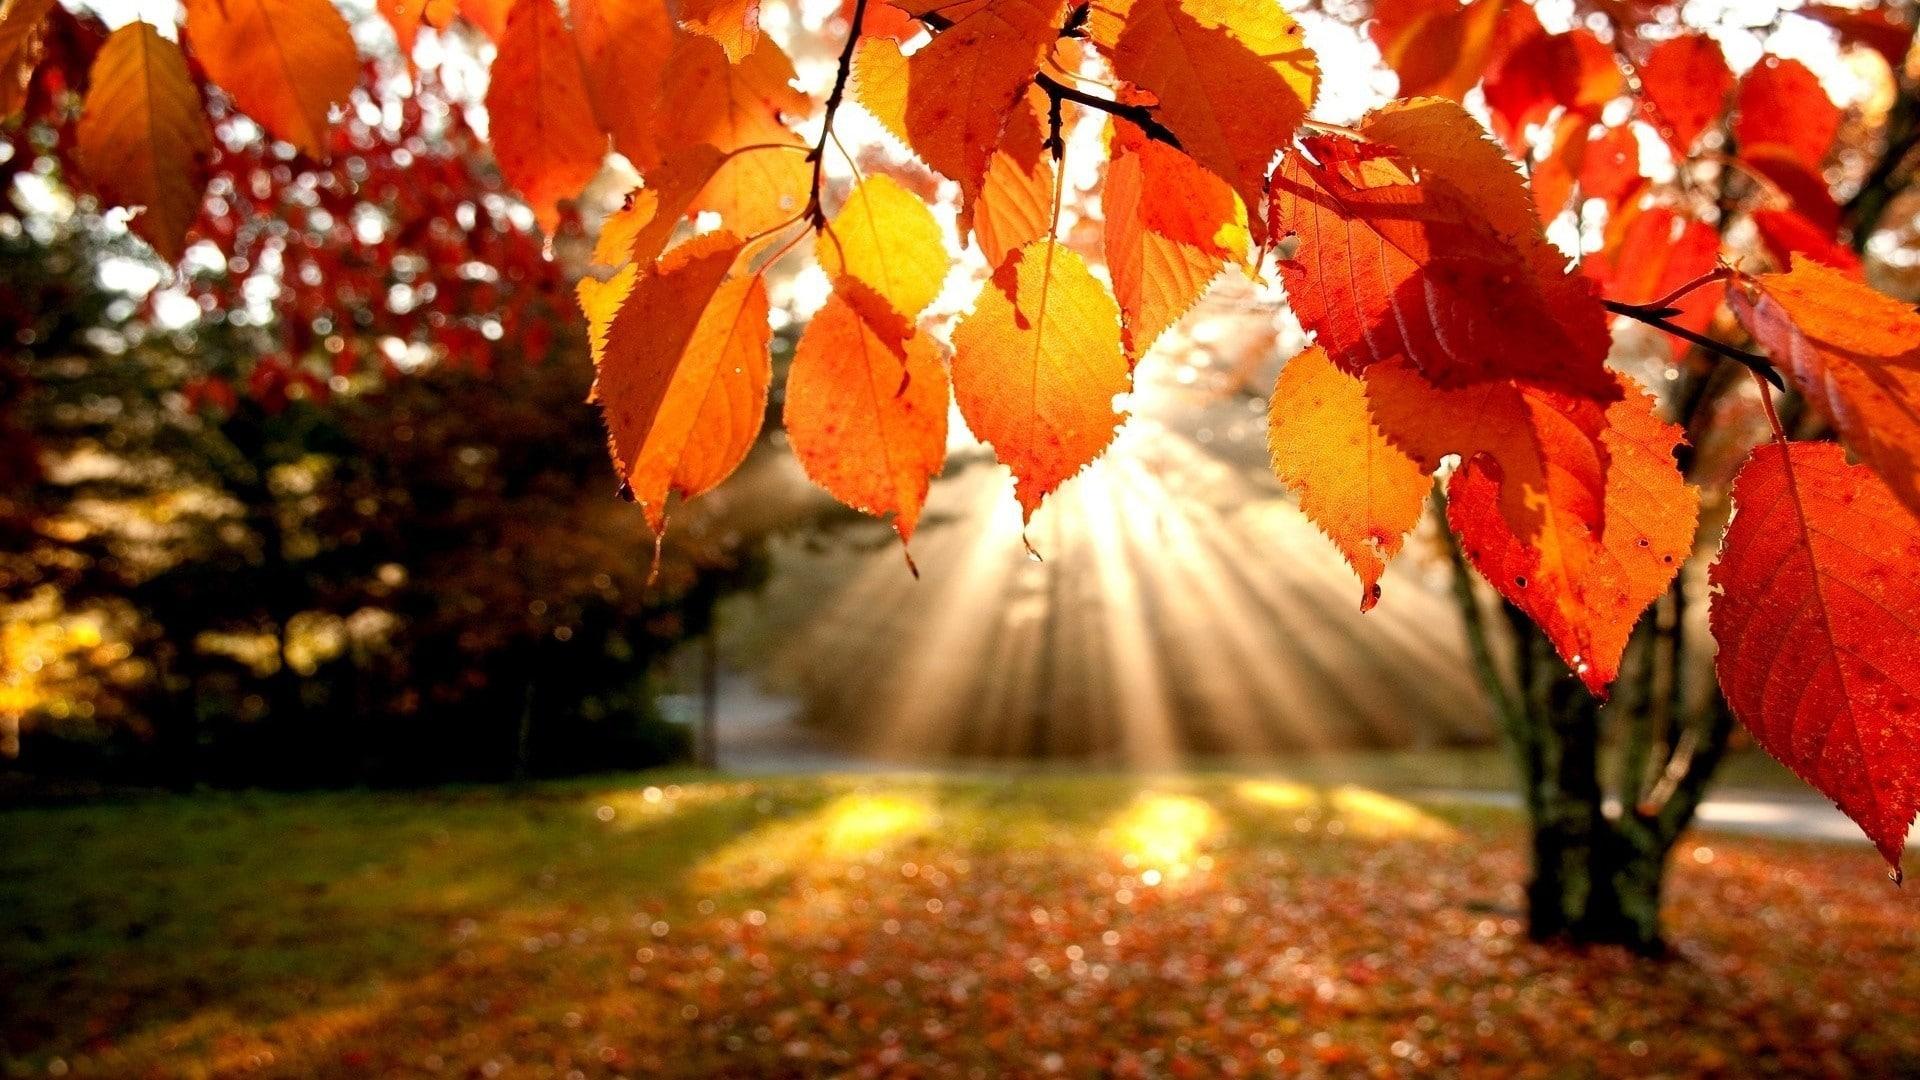 autumn backgrounds wallpaper